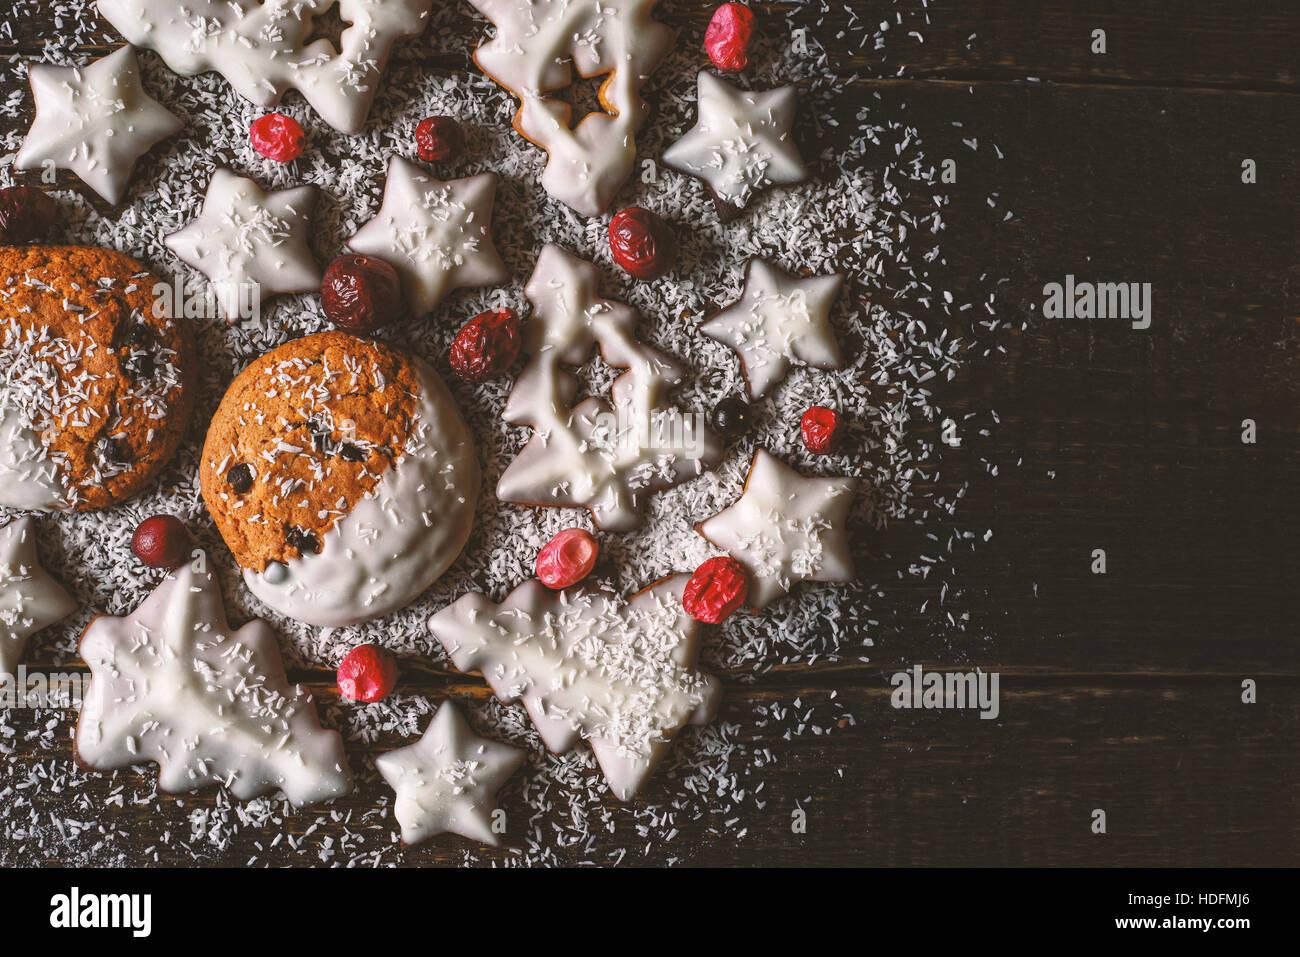 Weihnachtskugel von Cookies und Beeren in der Draufsicht aus Holz Hintergrund gemacht Stockbild